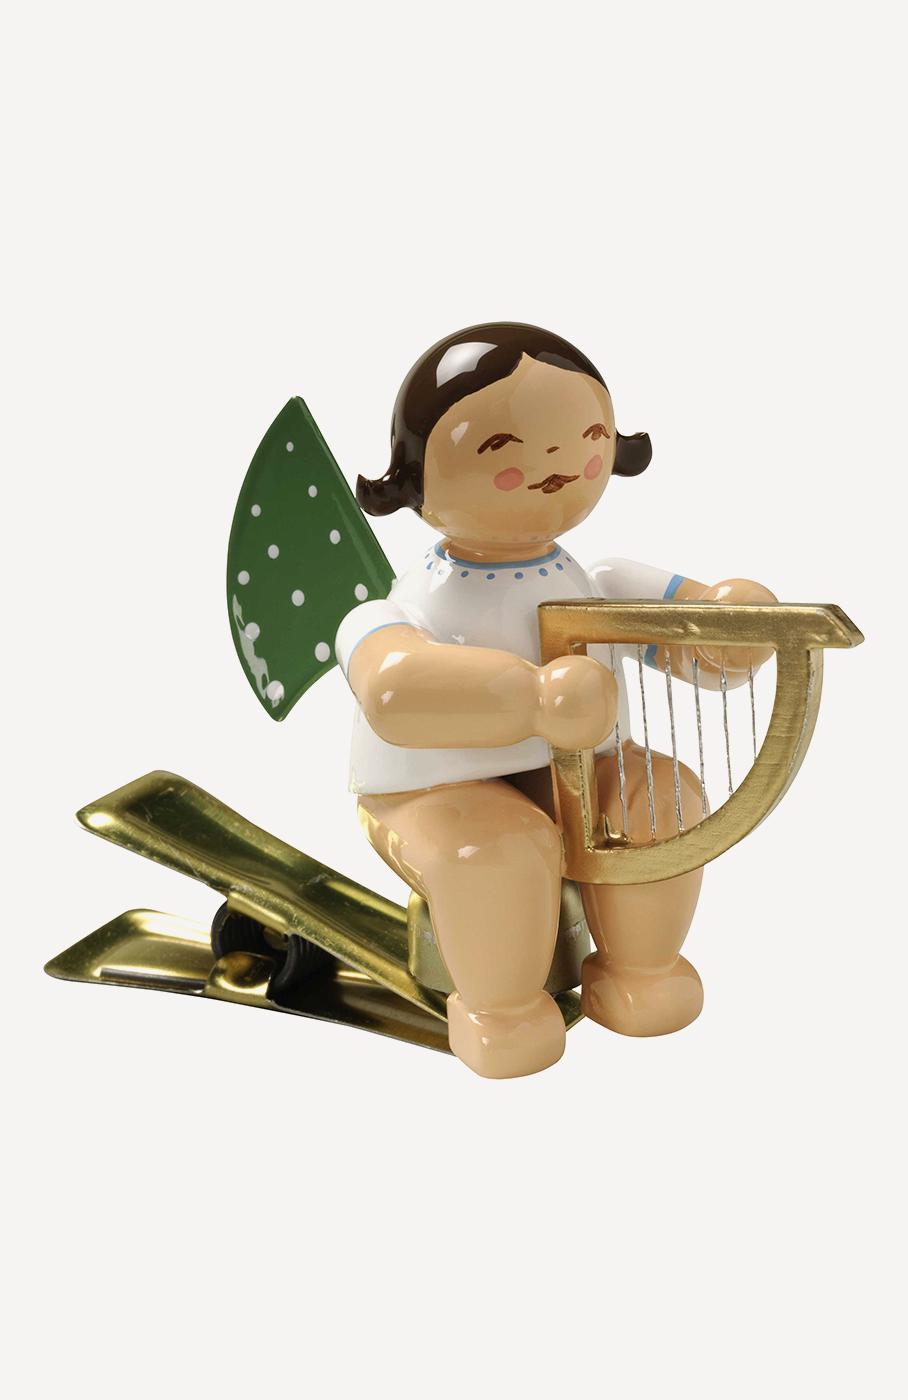 Engel mit Harfe, auf Klemme